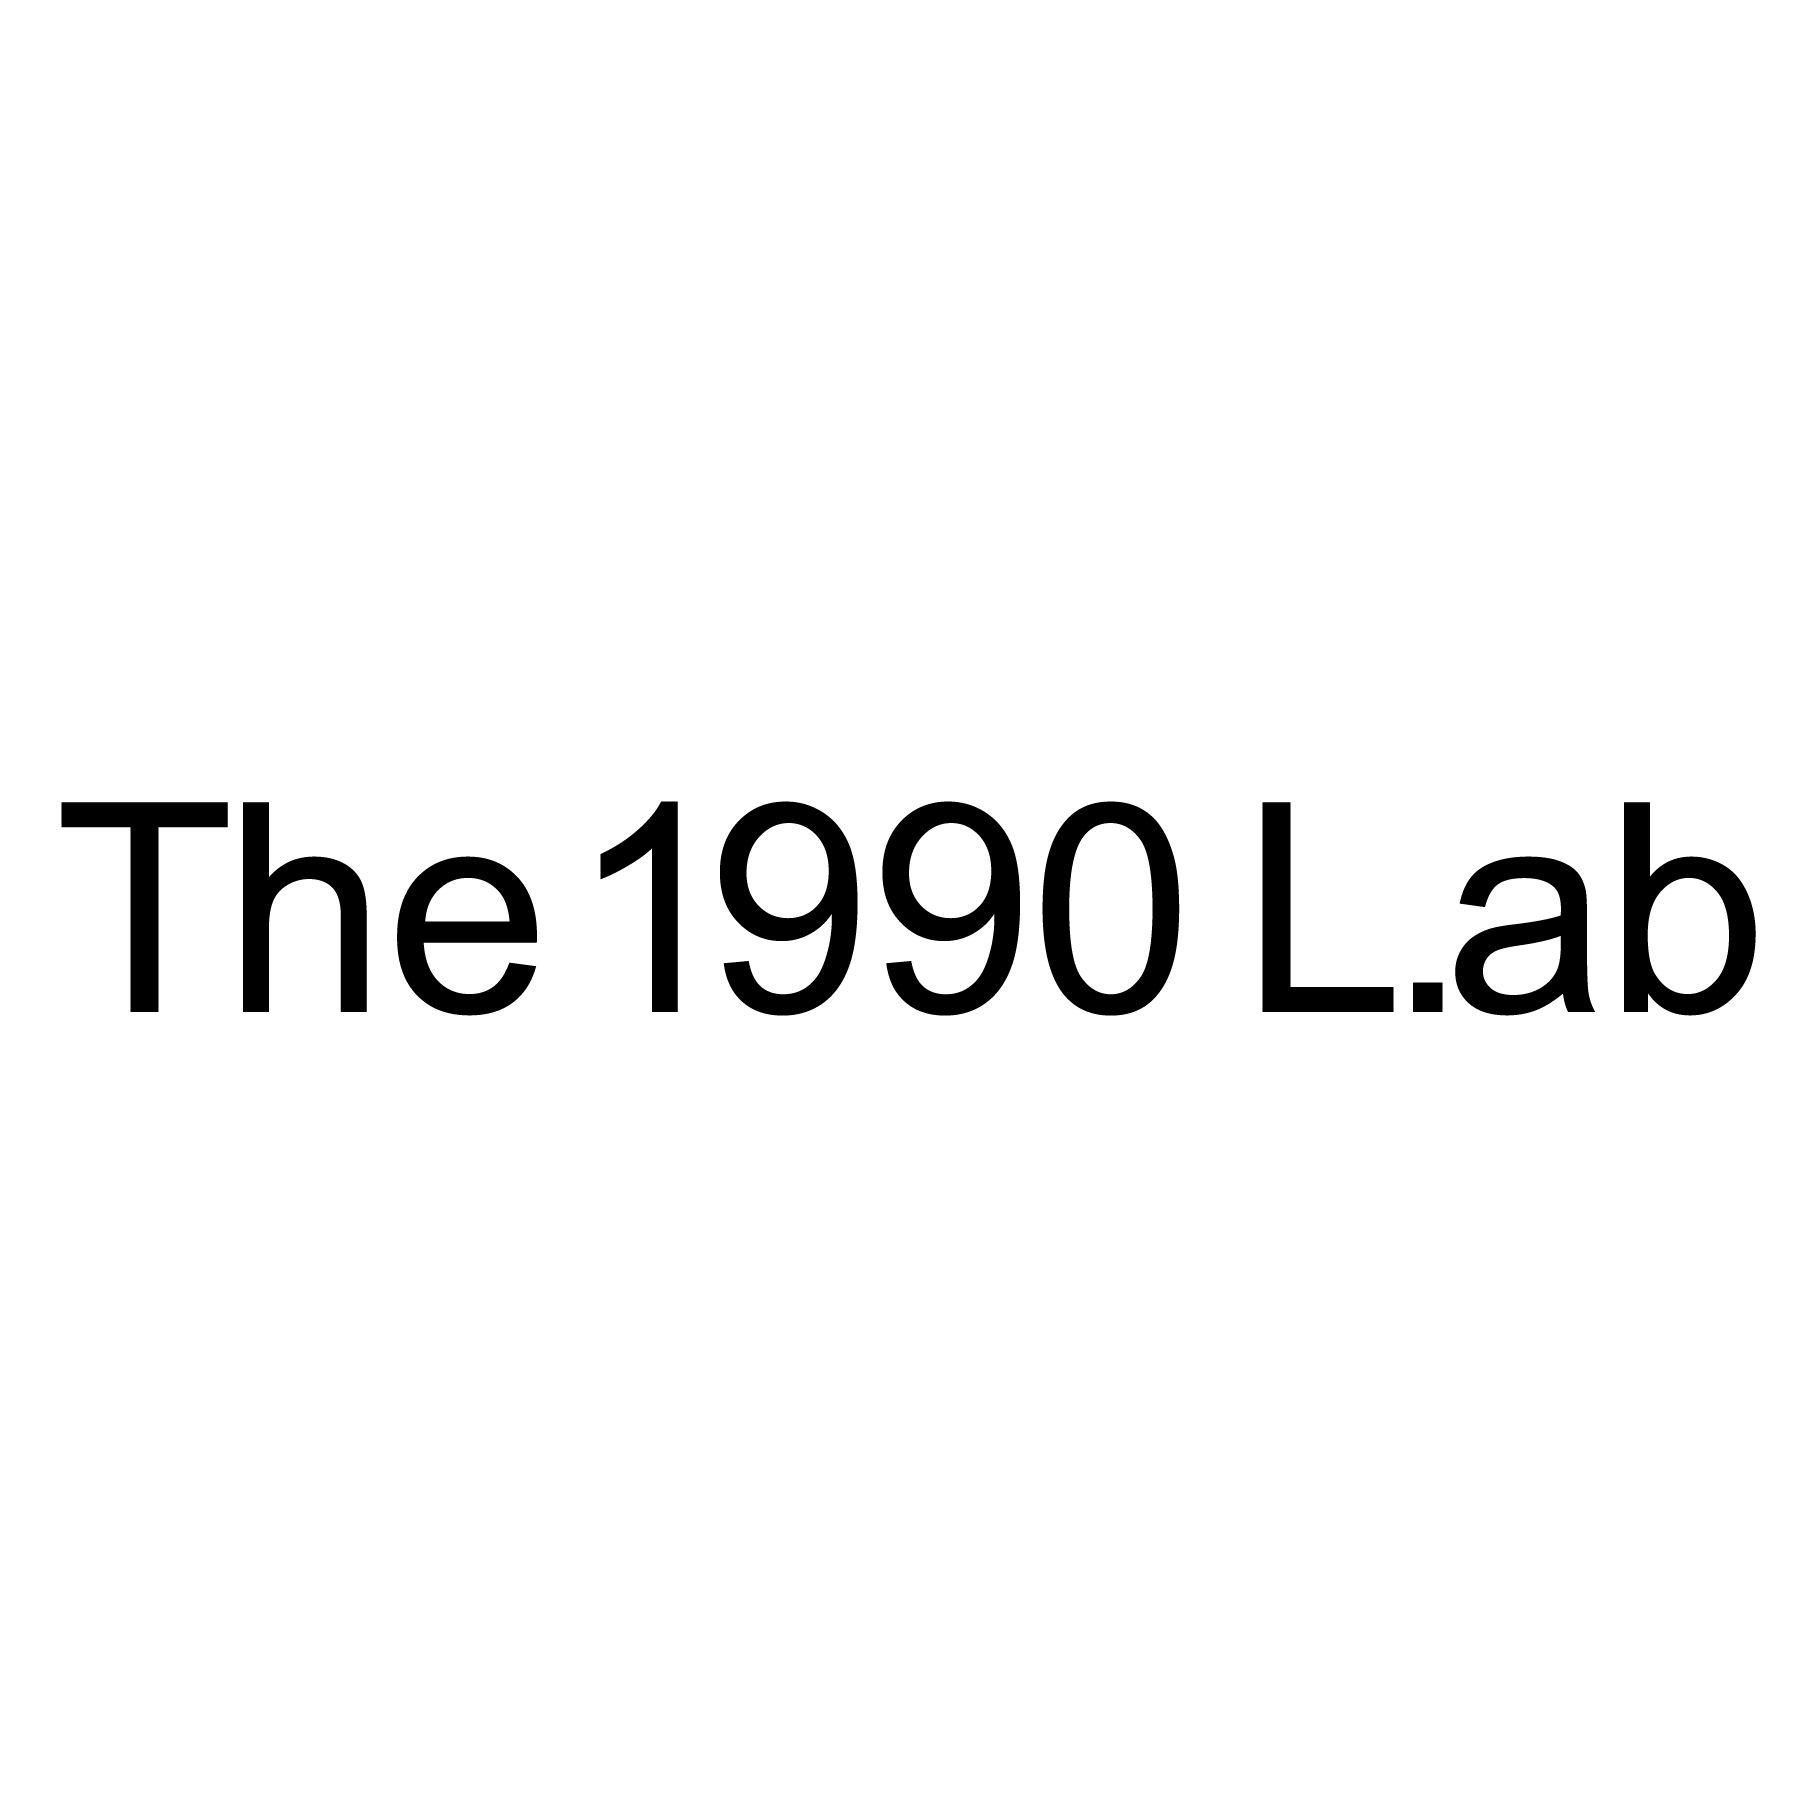 The 1990 L.ab